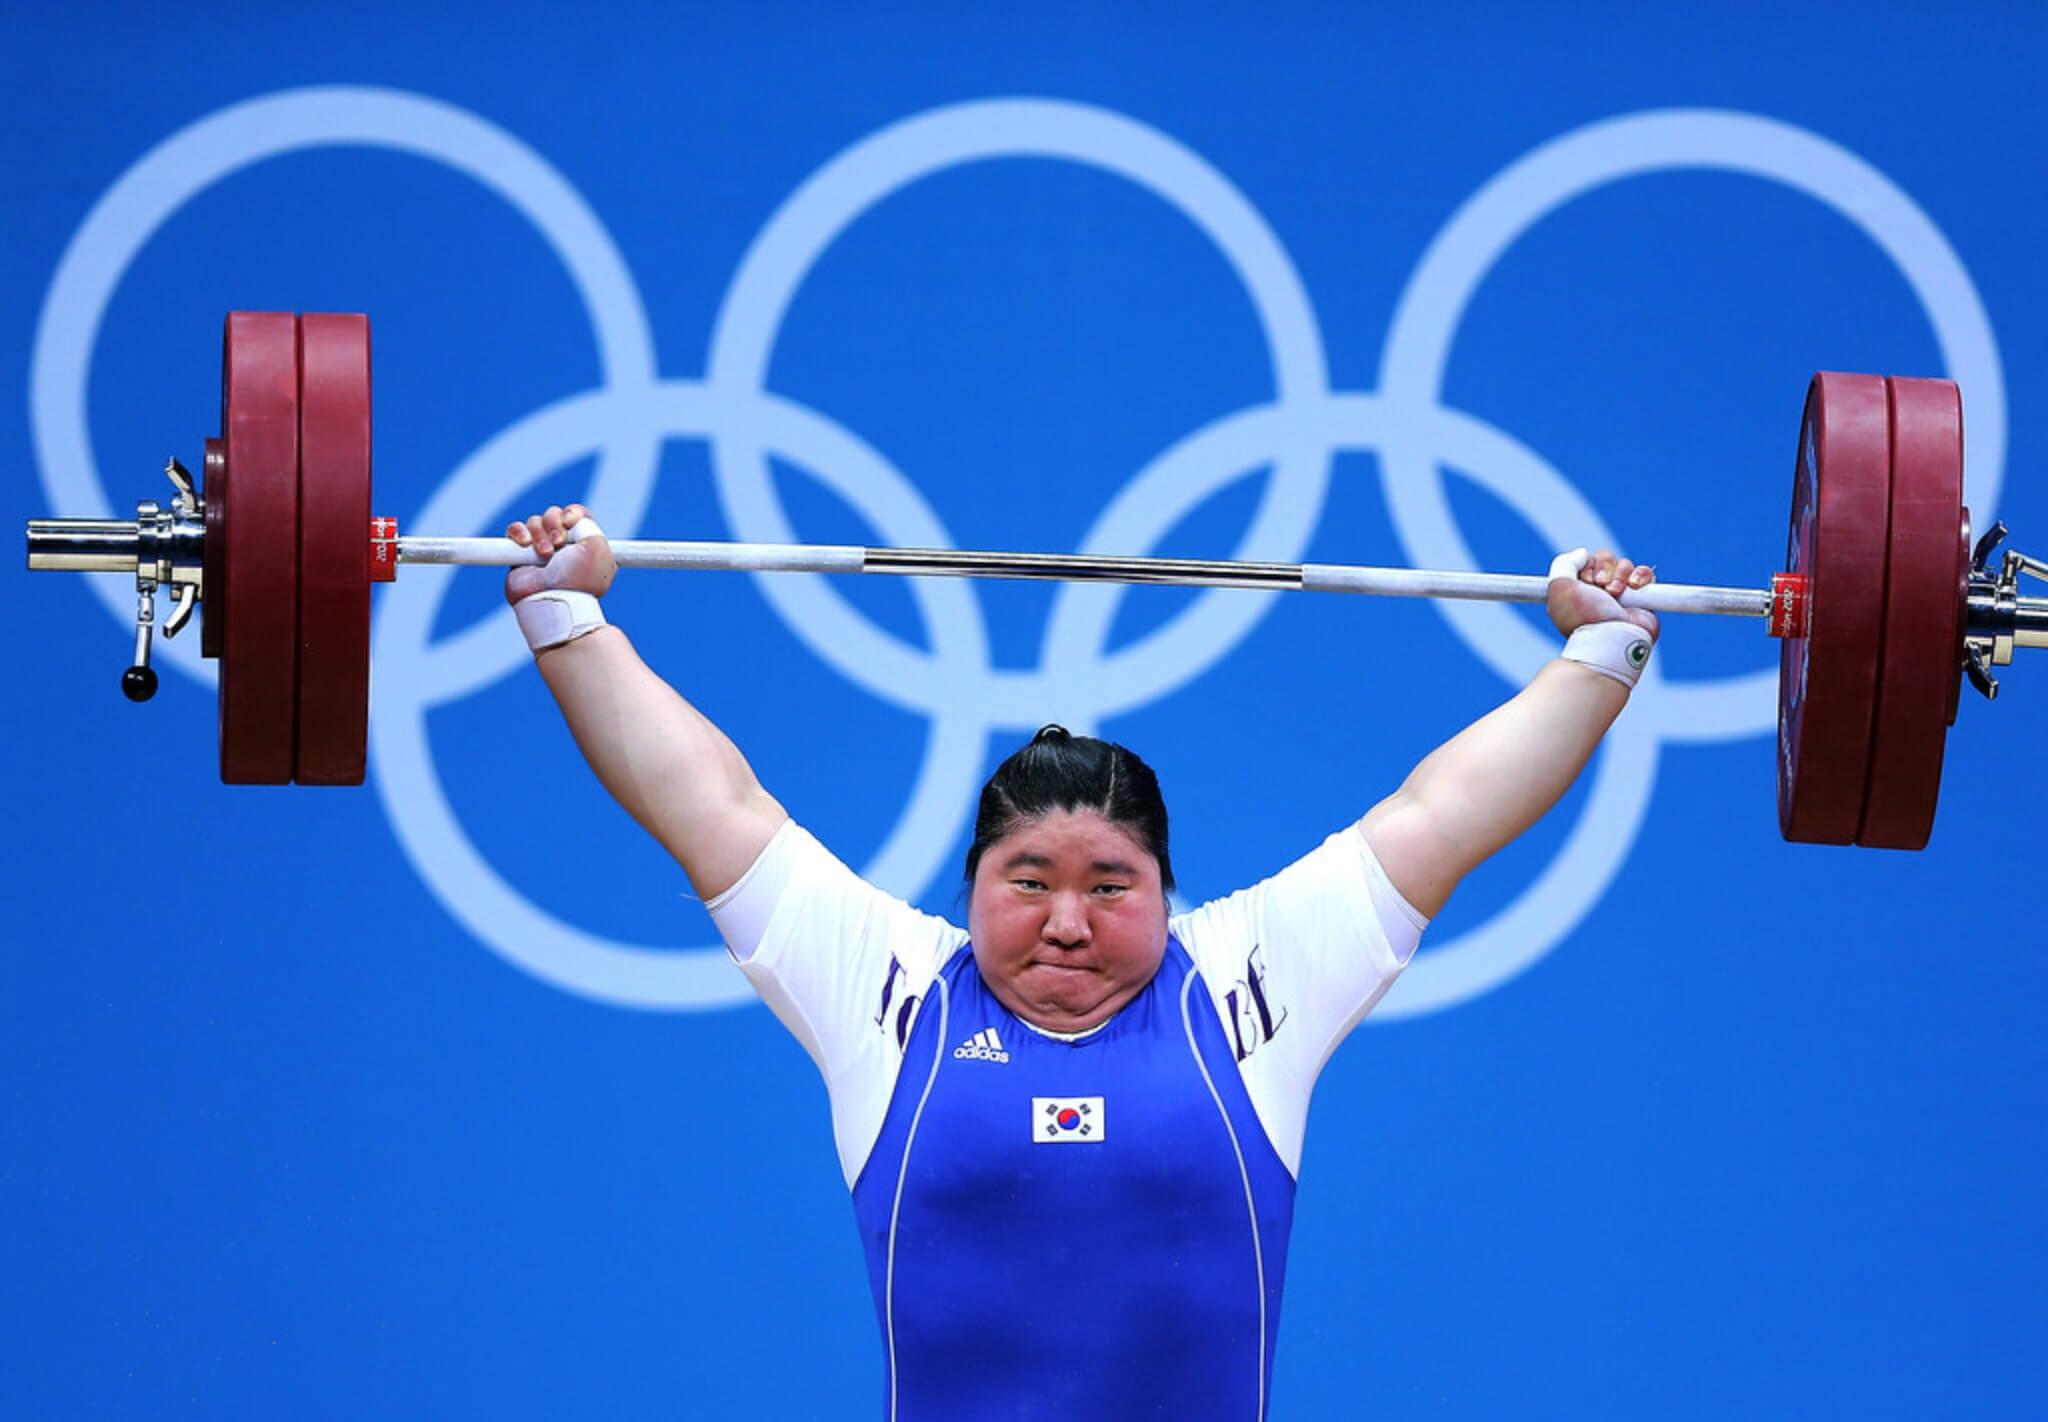 lo strappo nella pesistica olimpica